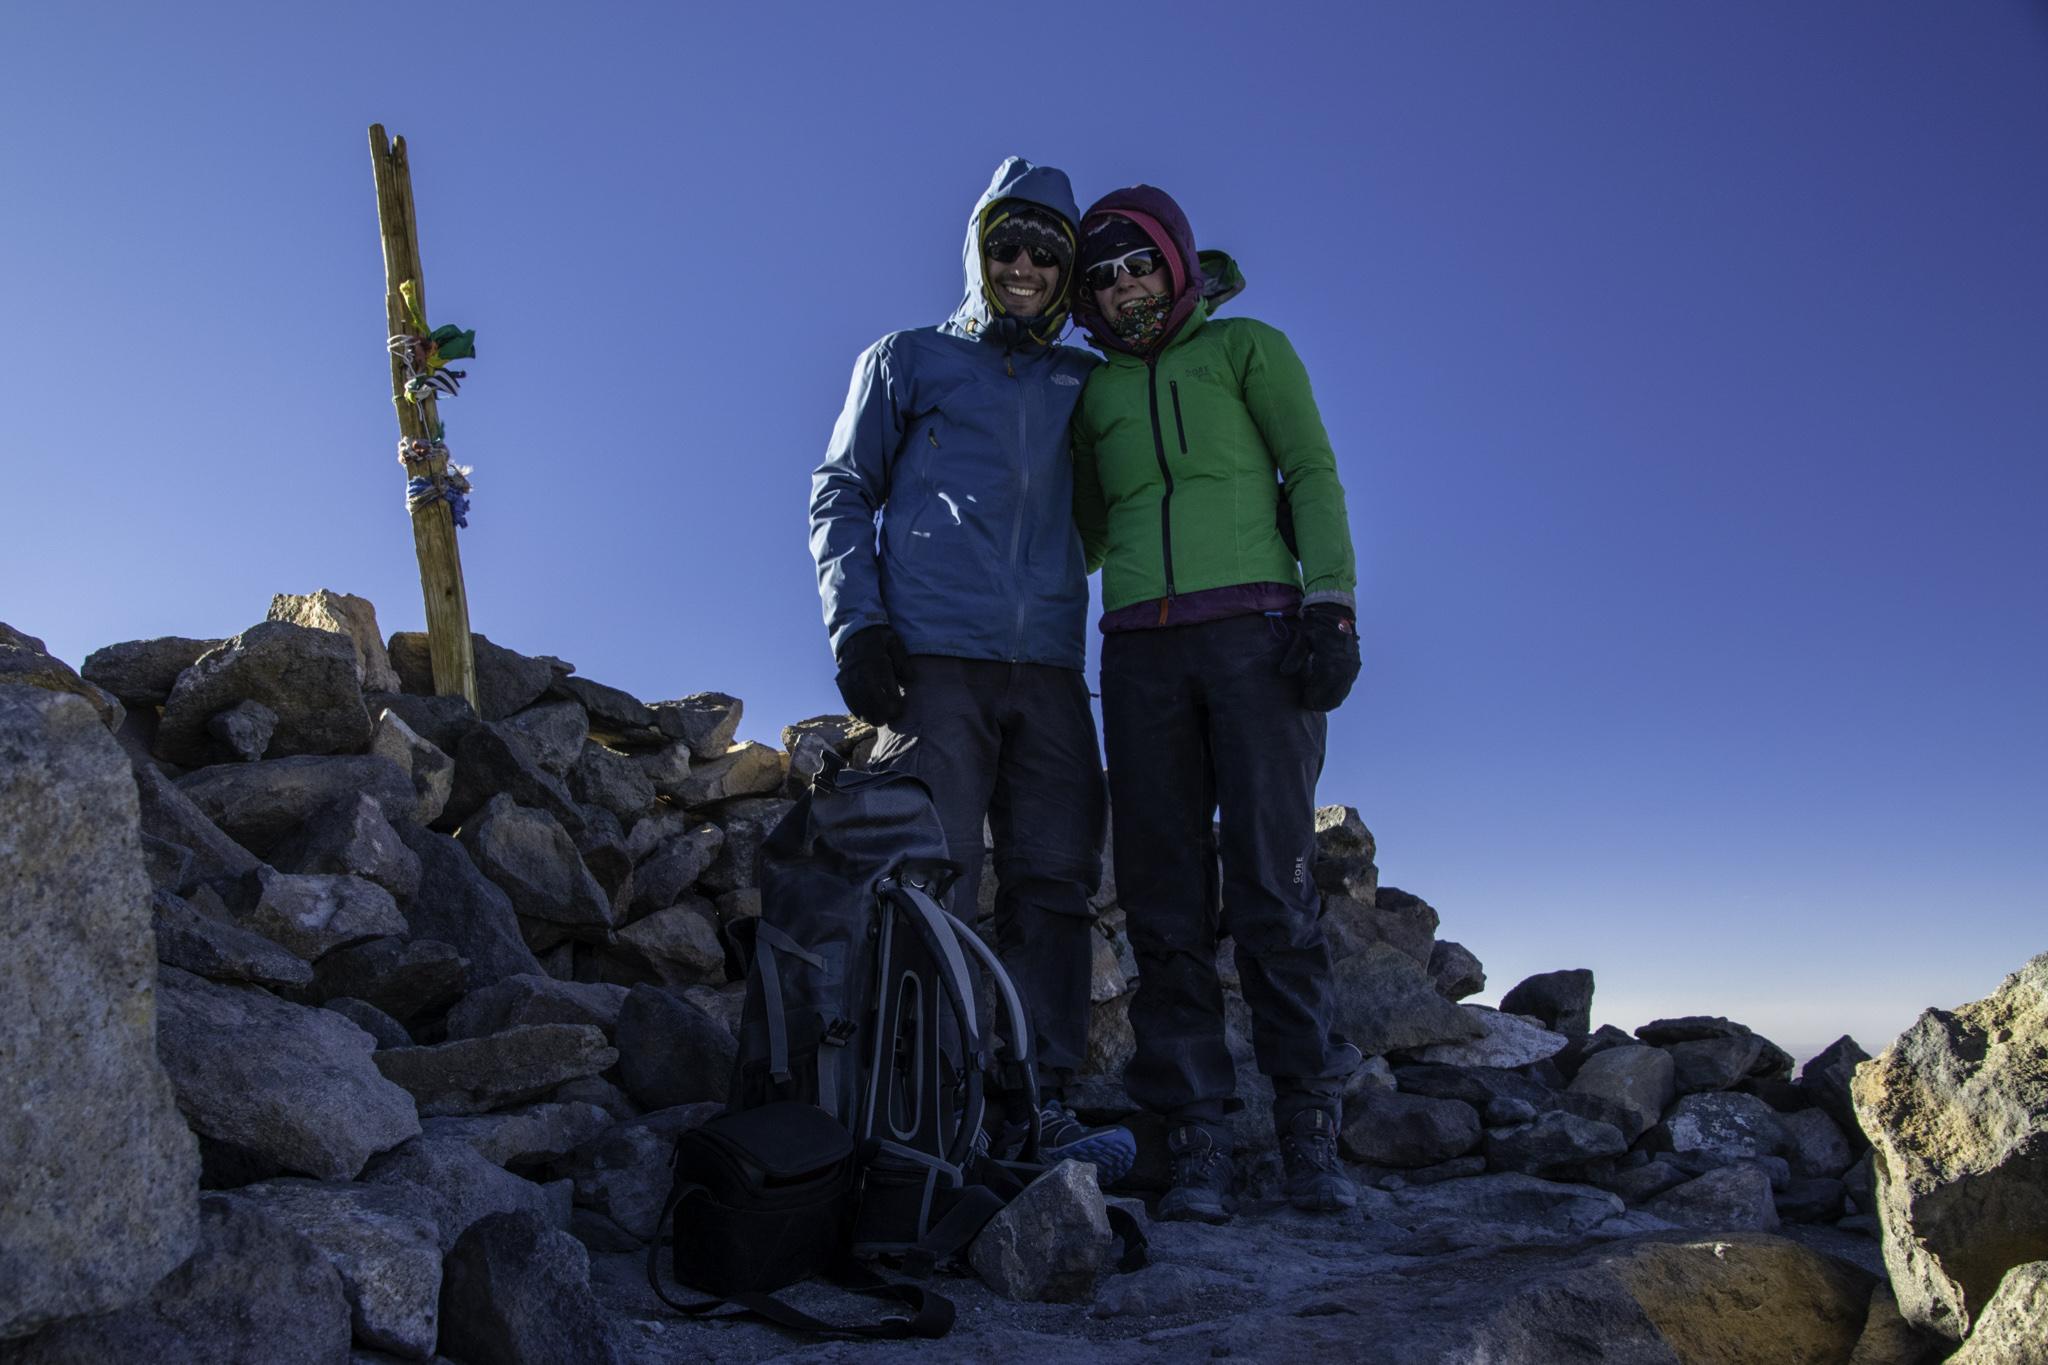 Gipfelfoto auf 6008 m.ü.M.